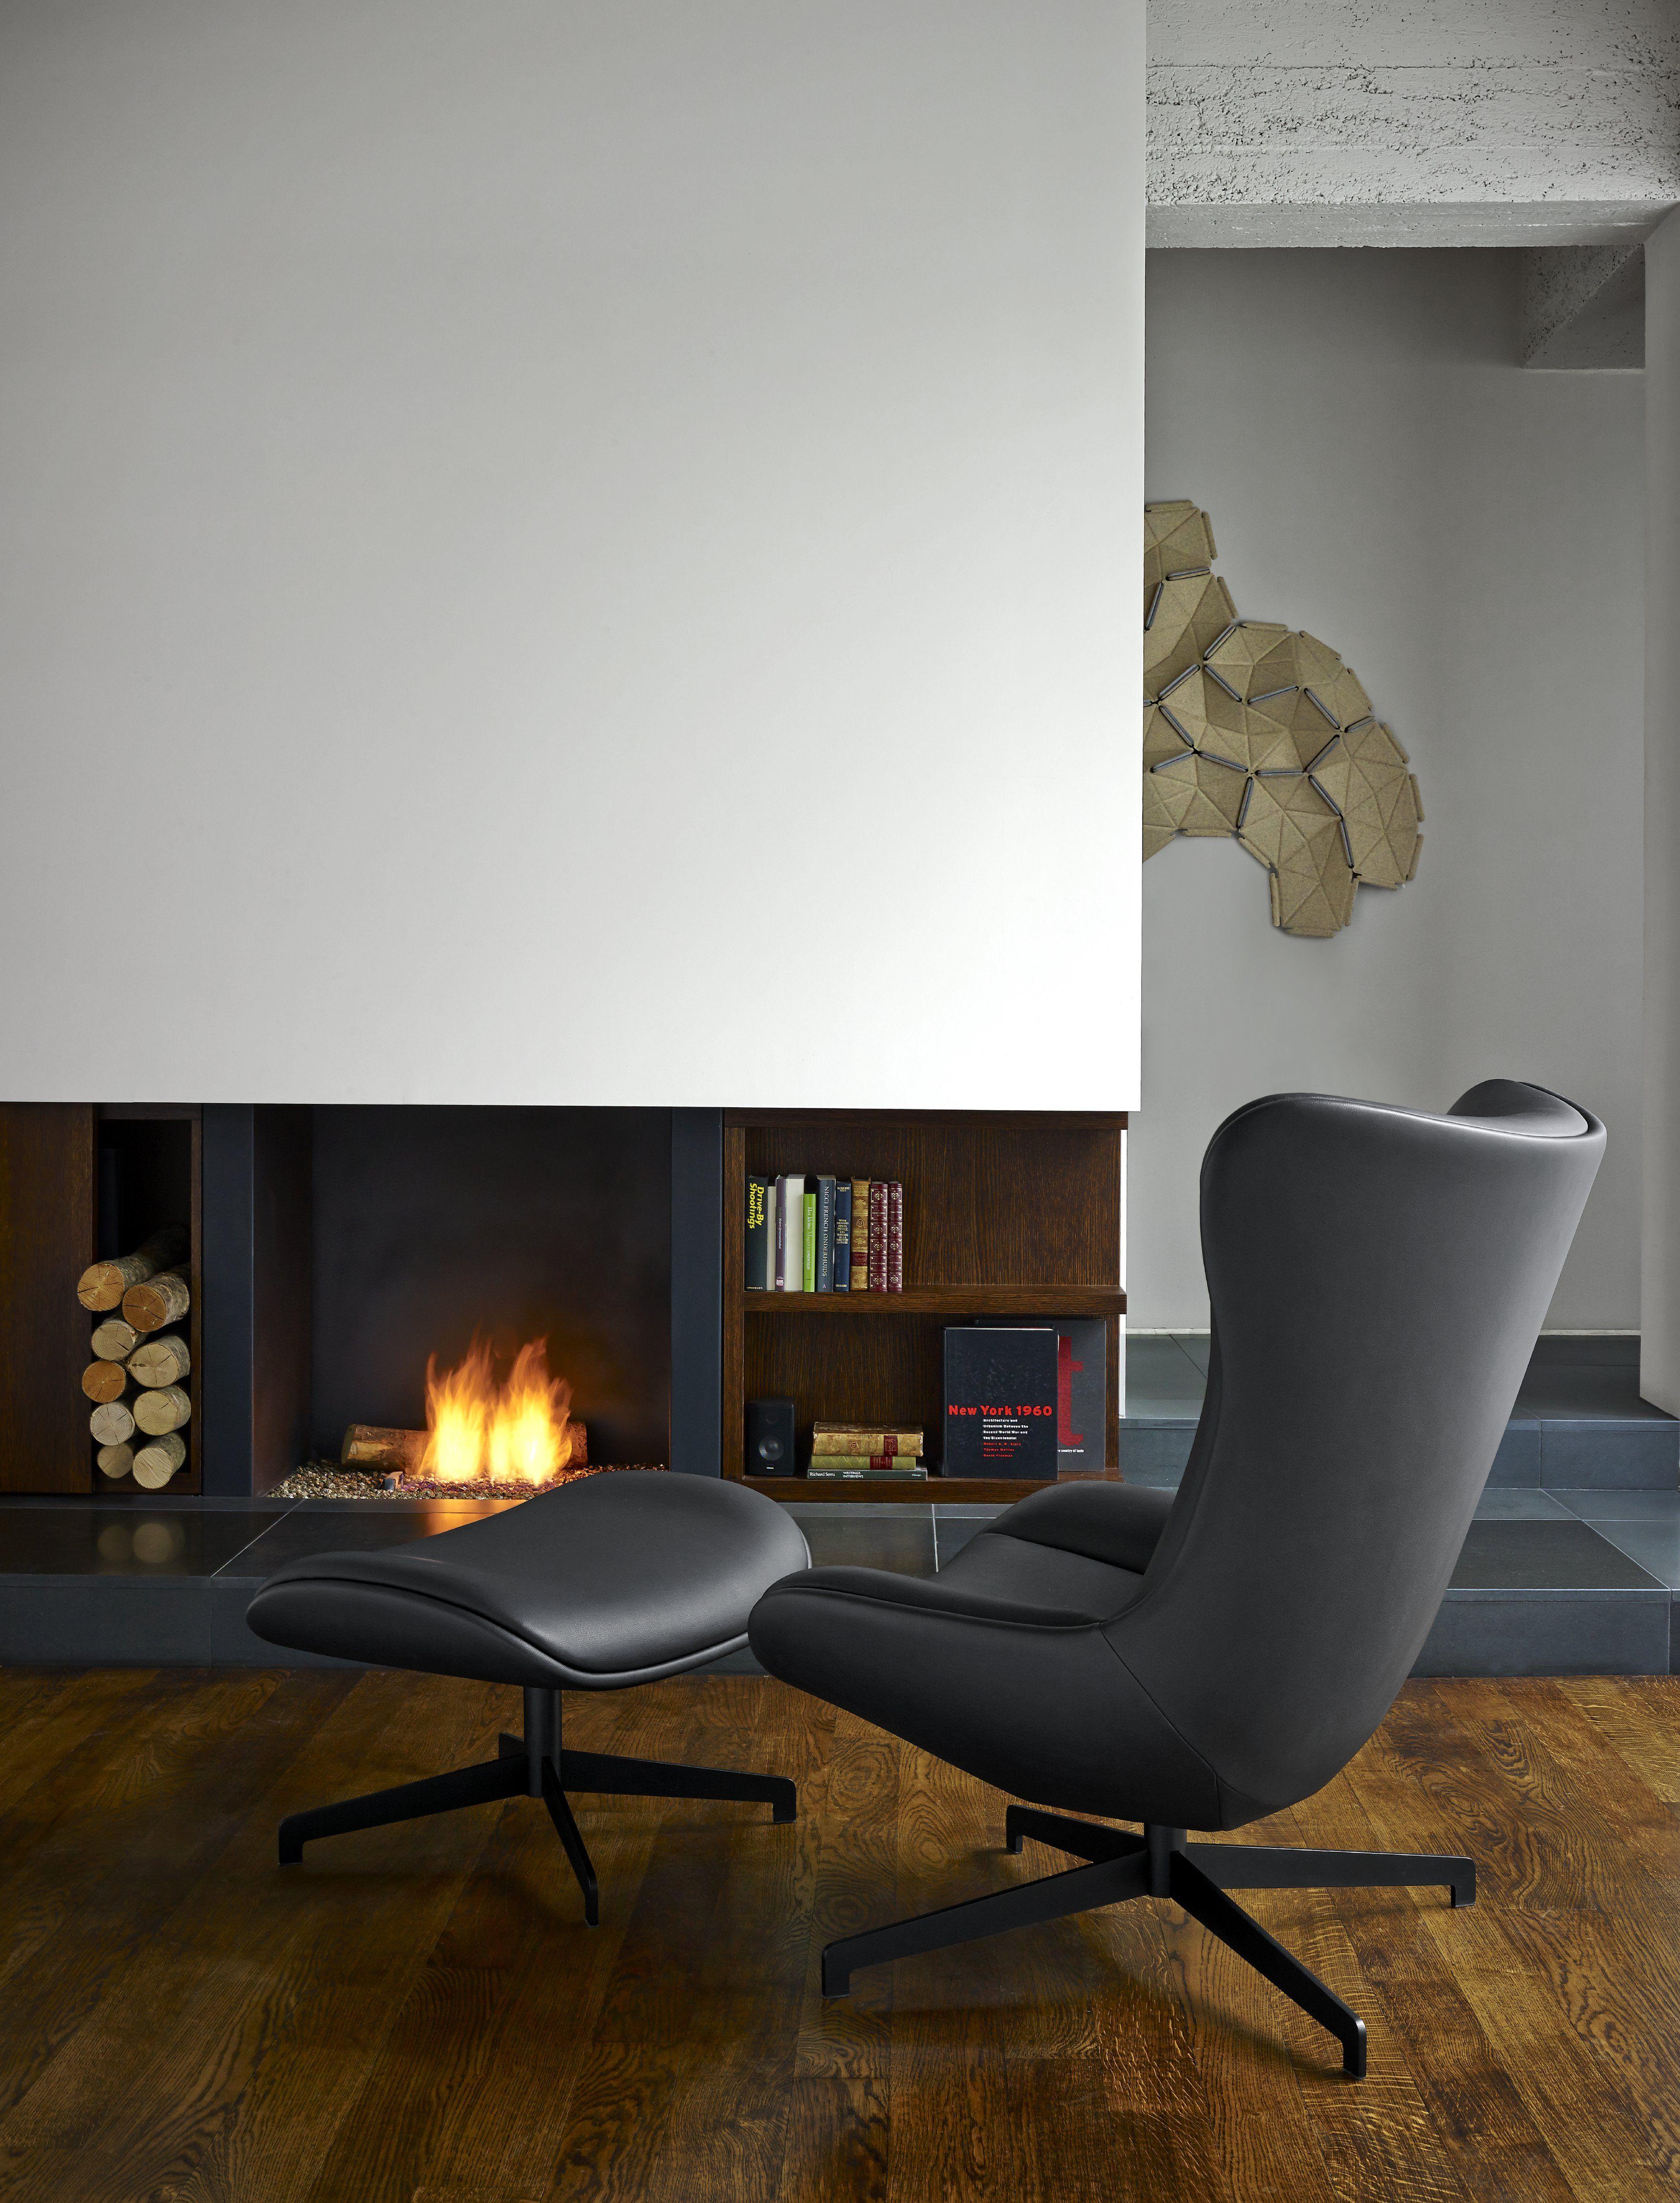 Wunderbar Sitzmöbel Wohnzimmer Dekoration Von Sessel Amy - Designer Claudio Dondoli &